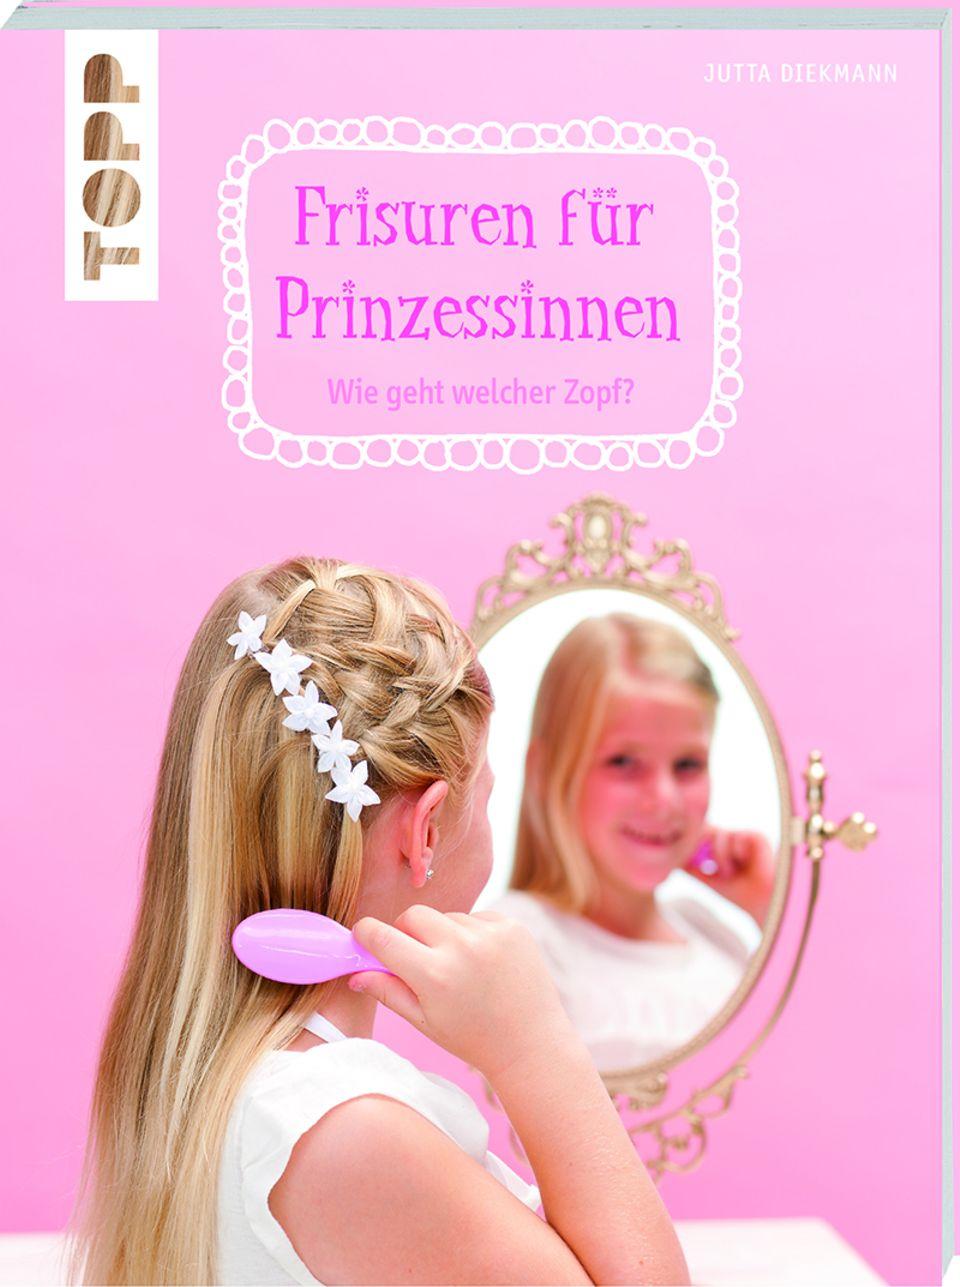 Frisuren für Prinzessinnen